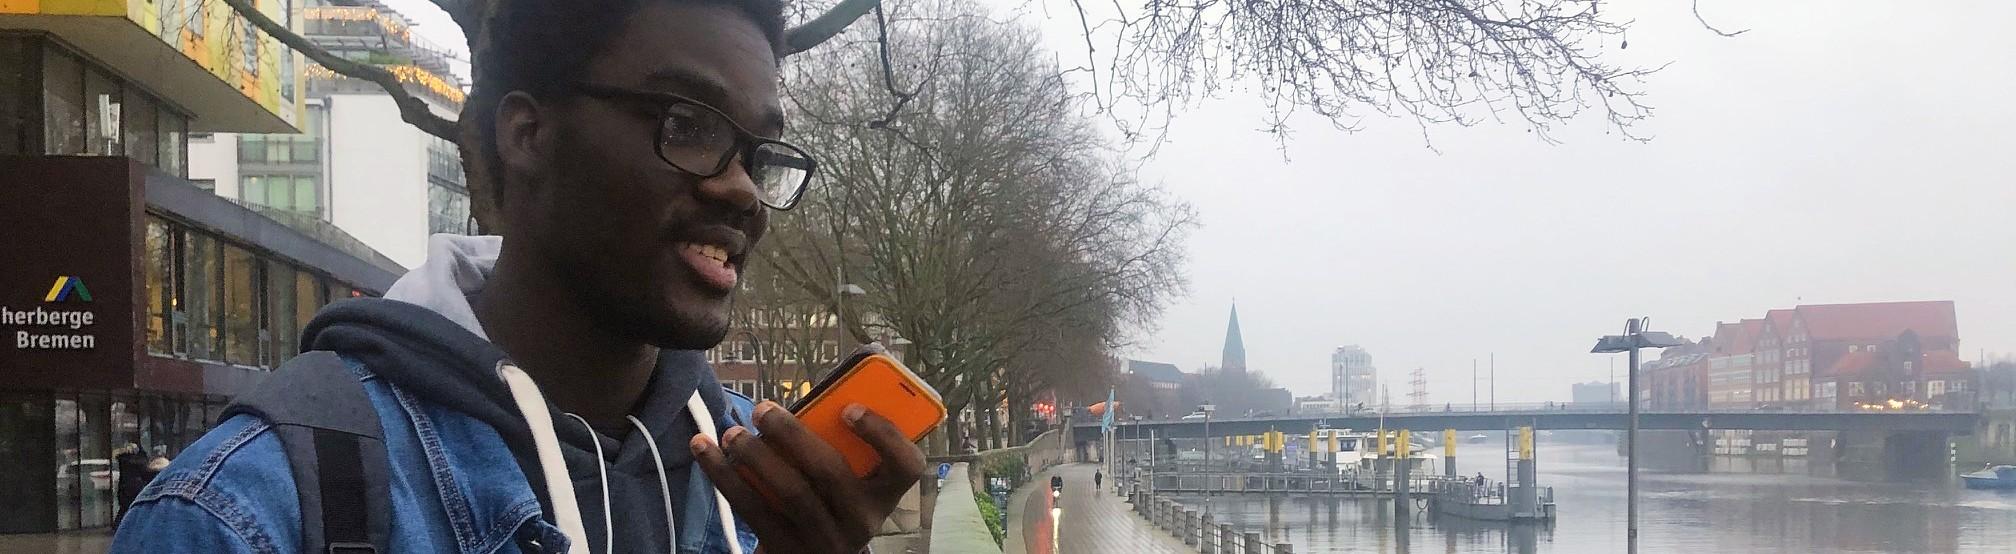 Bonaventure Doussau hält sein etwas ramponiertes Smartphone in der Hand.